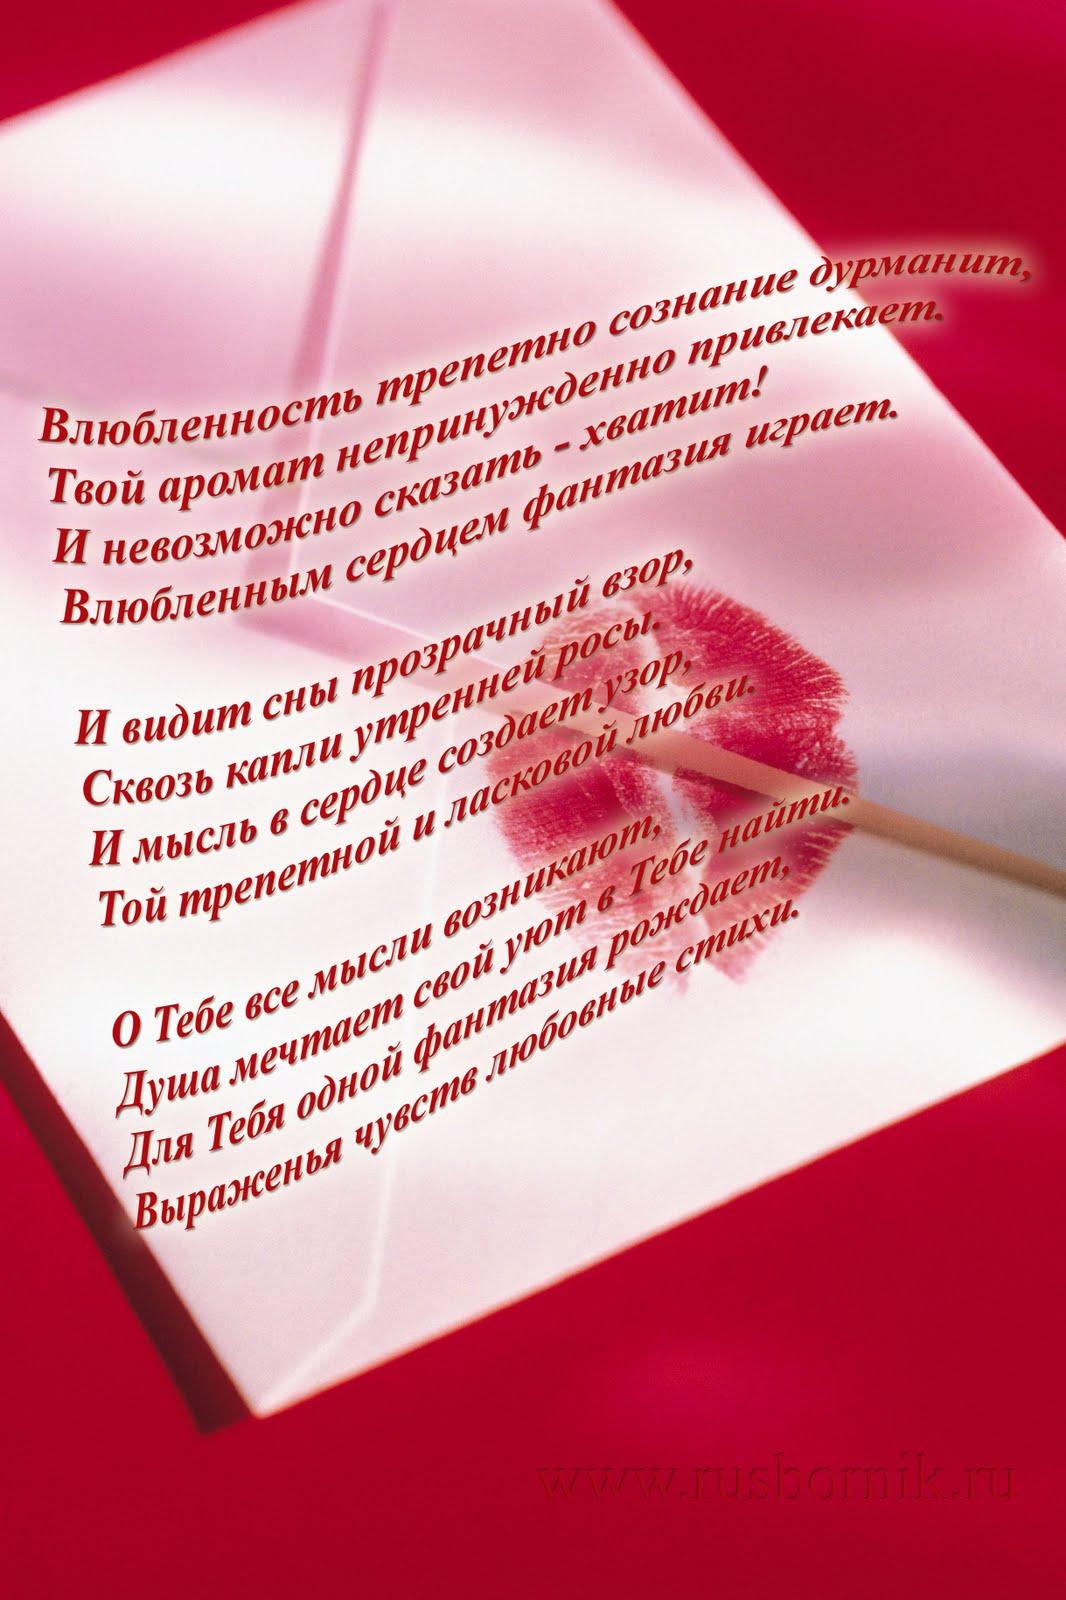 Стихи открытки романтические